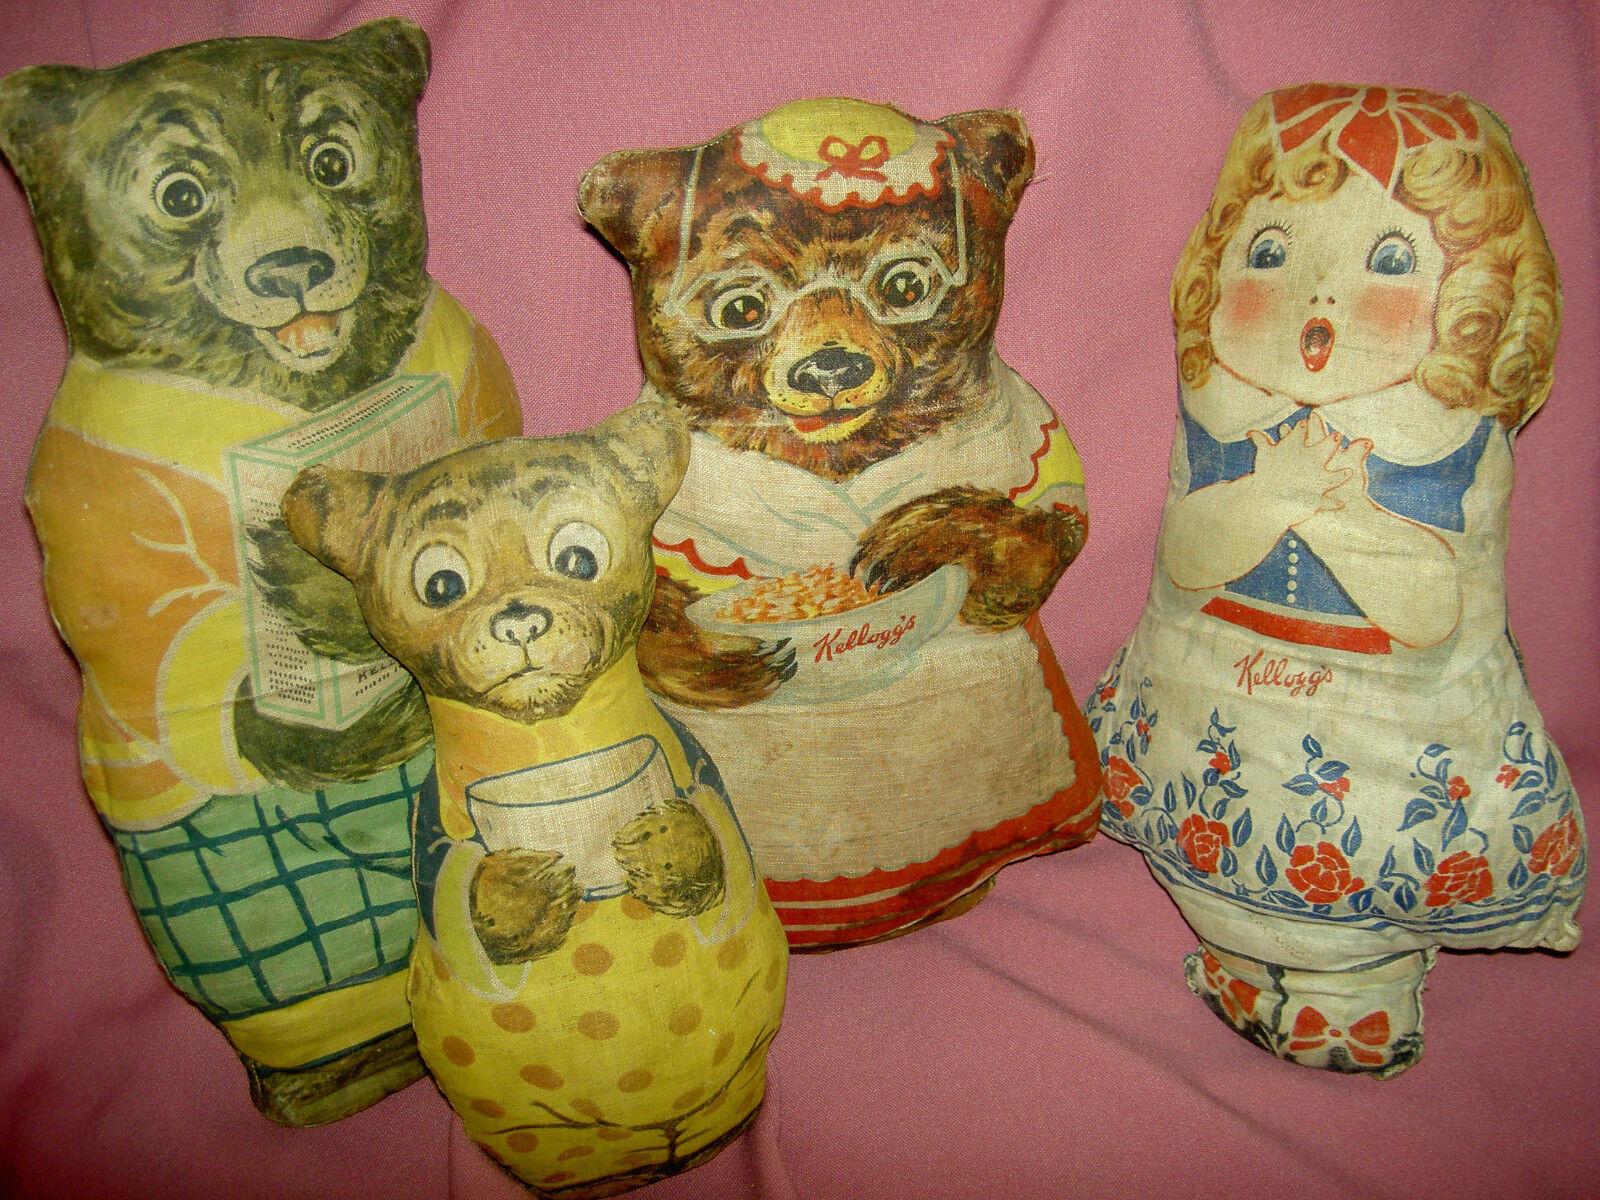 Conjunto de 4 Antiguo, Kellogg's,  oroilocks & tres osos , muñecas de trapo de publicidad